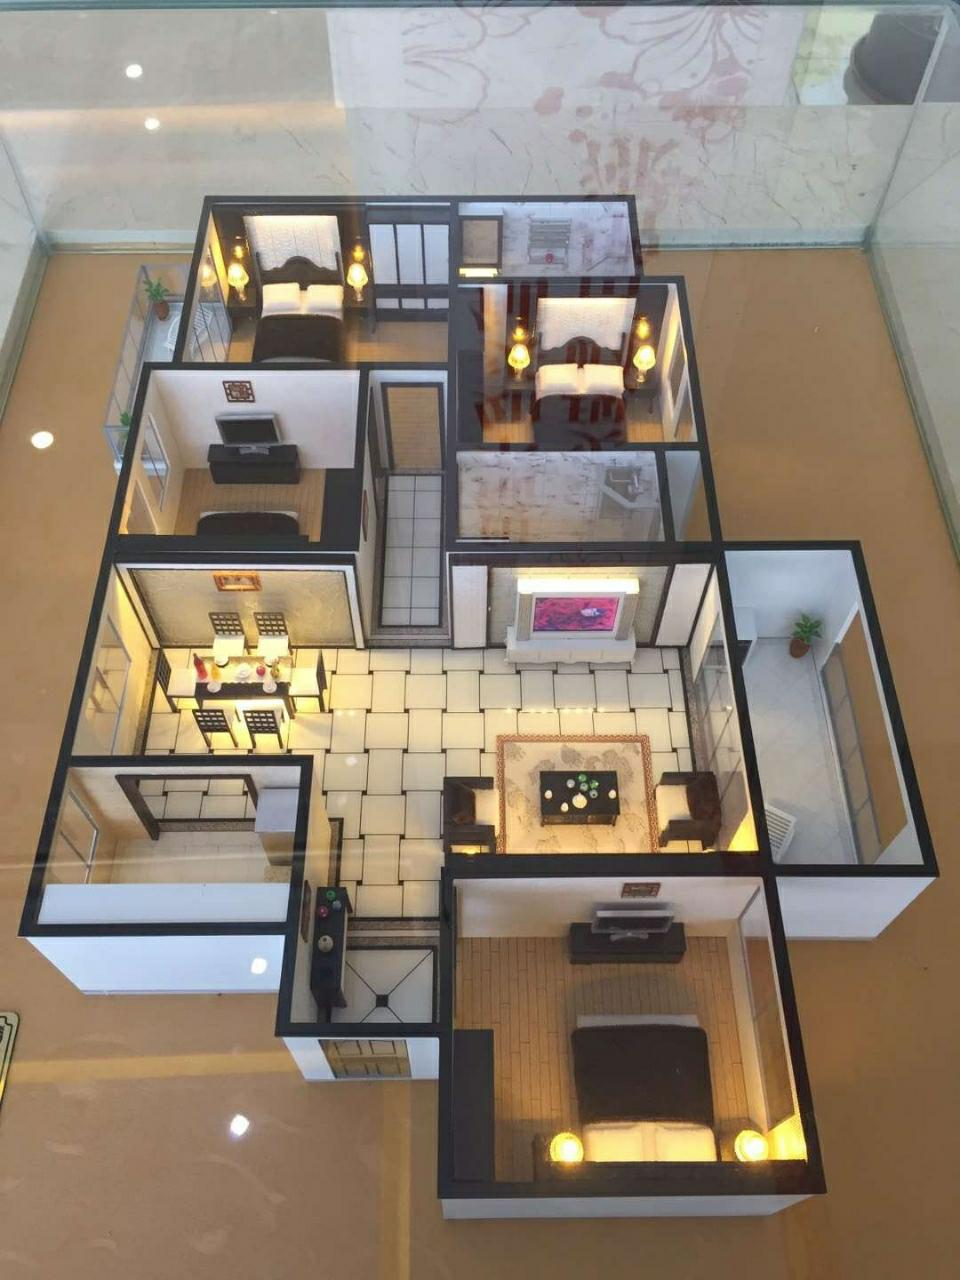 广场家园4室2厅2卫仅售8800/平